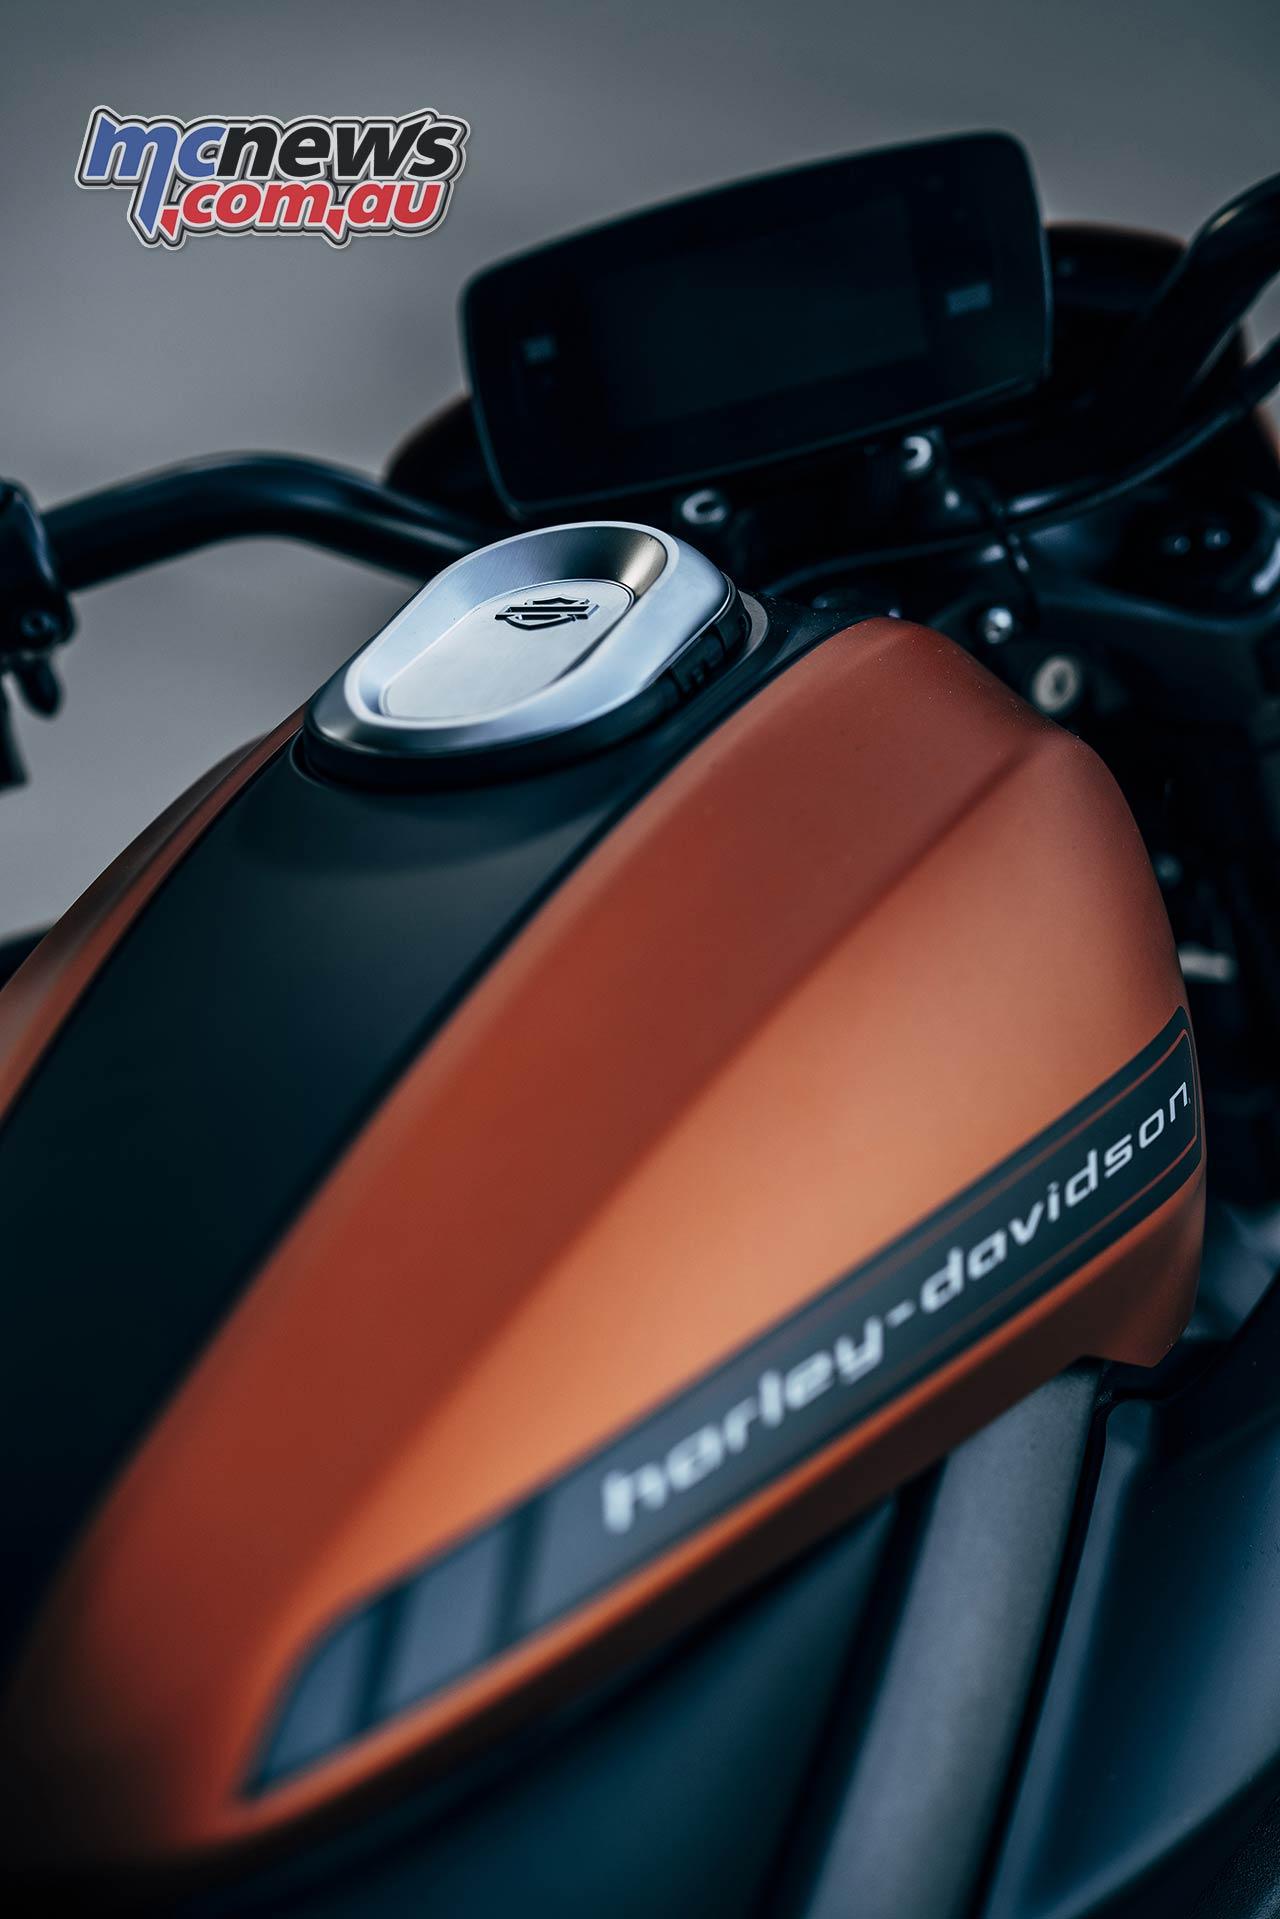 Harley Davidson Livewire Set For 2020 Australian Release